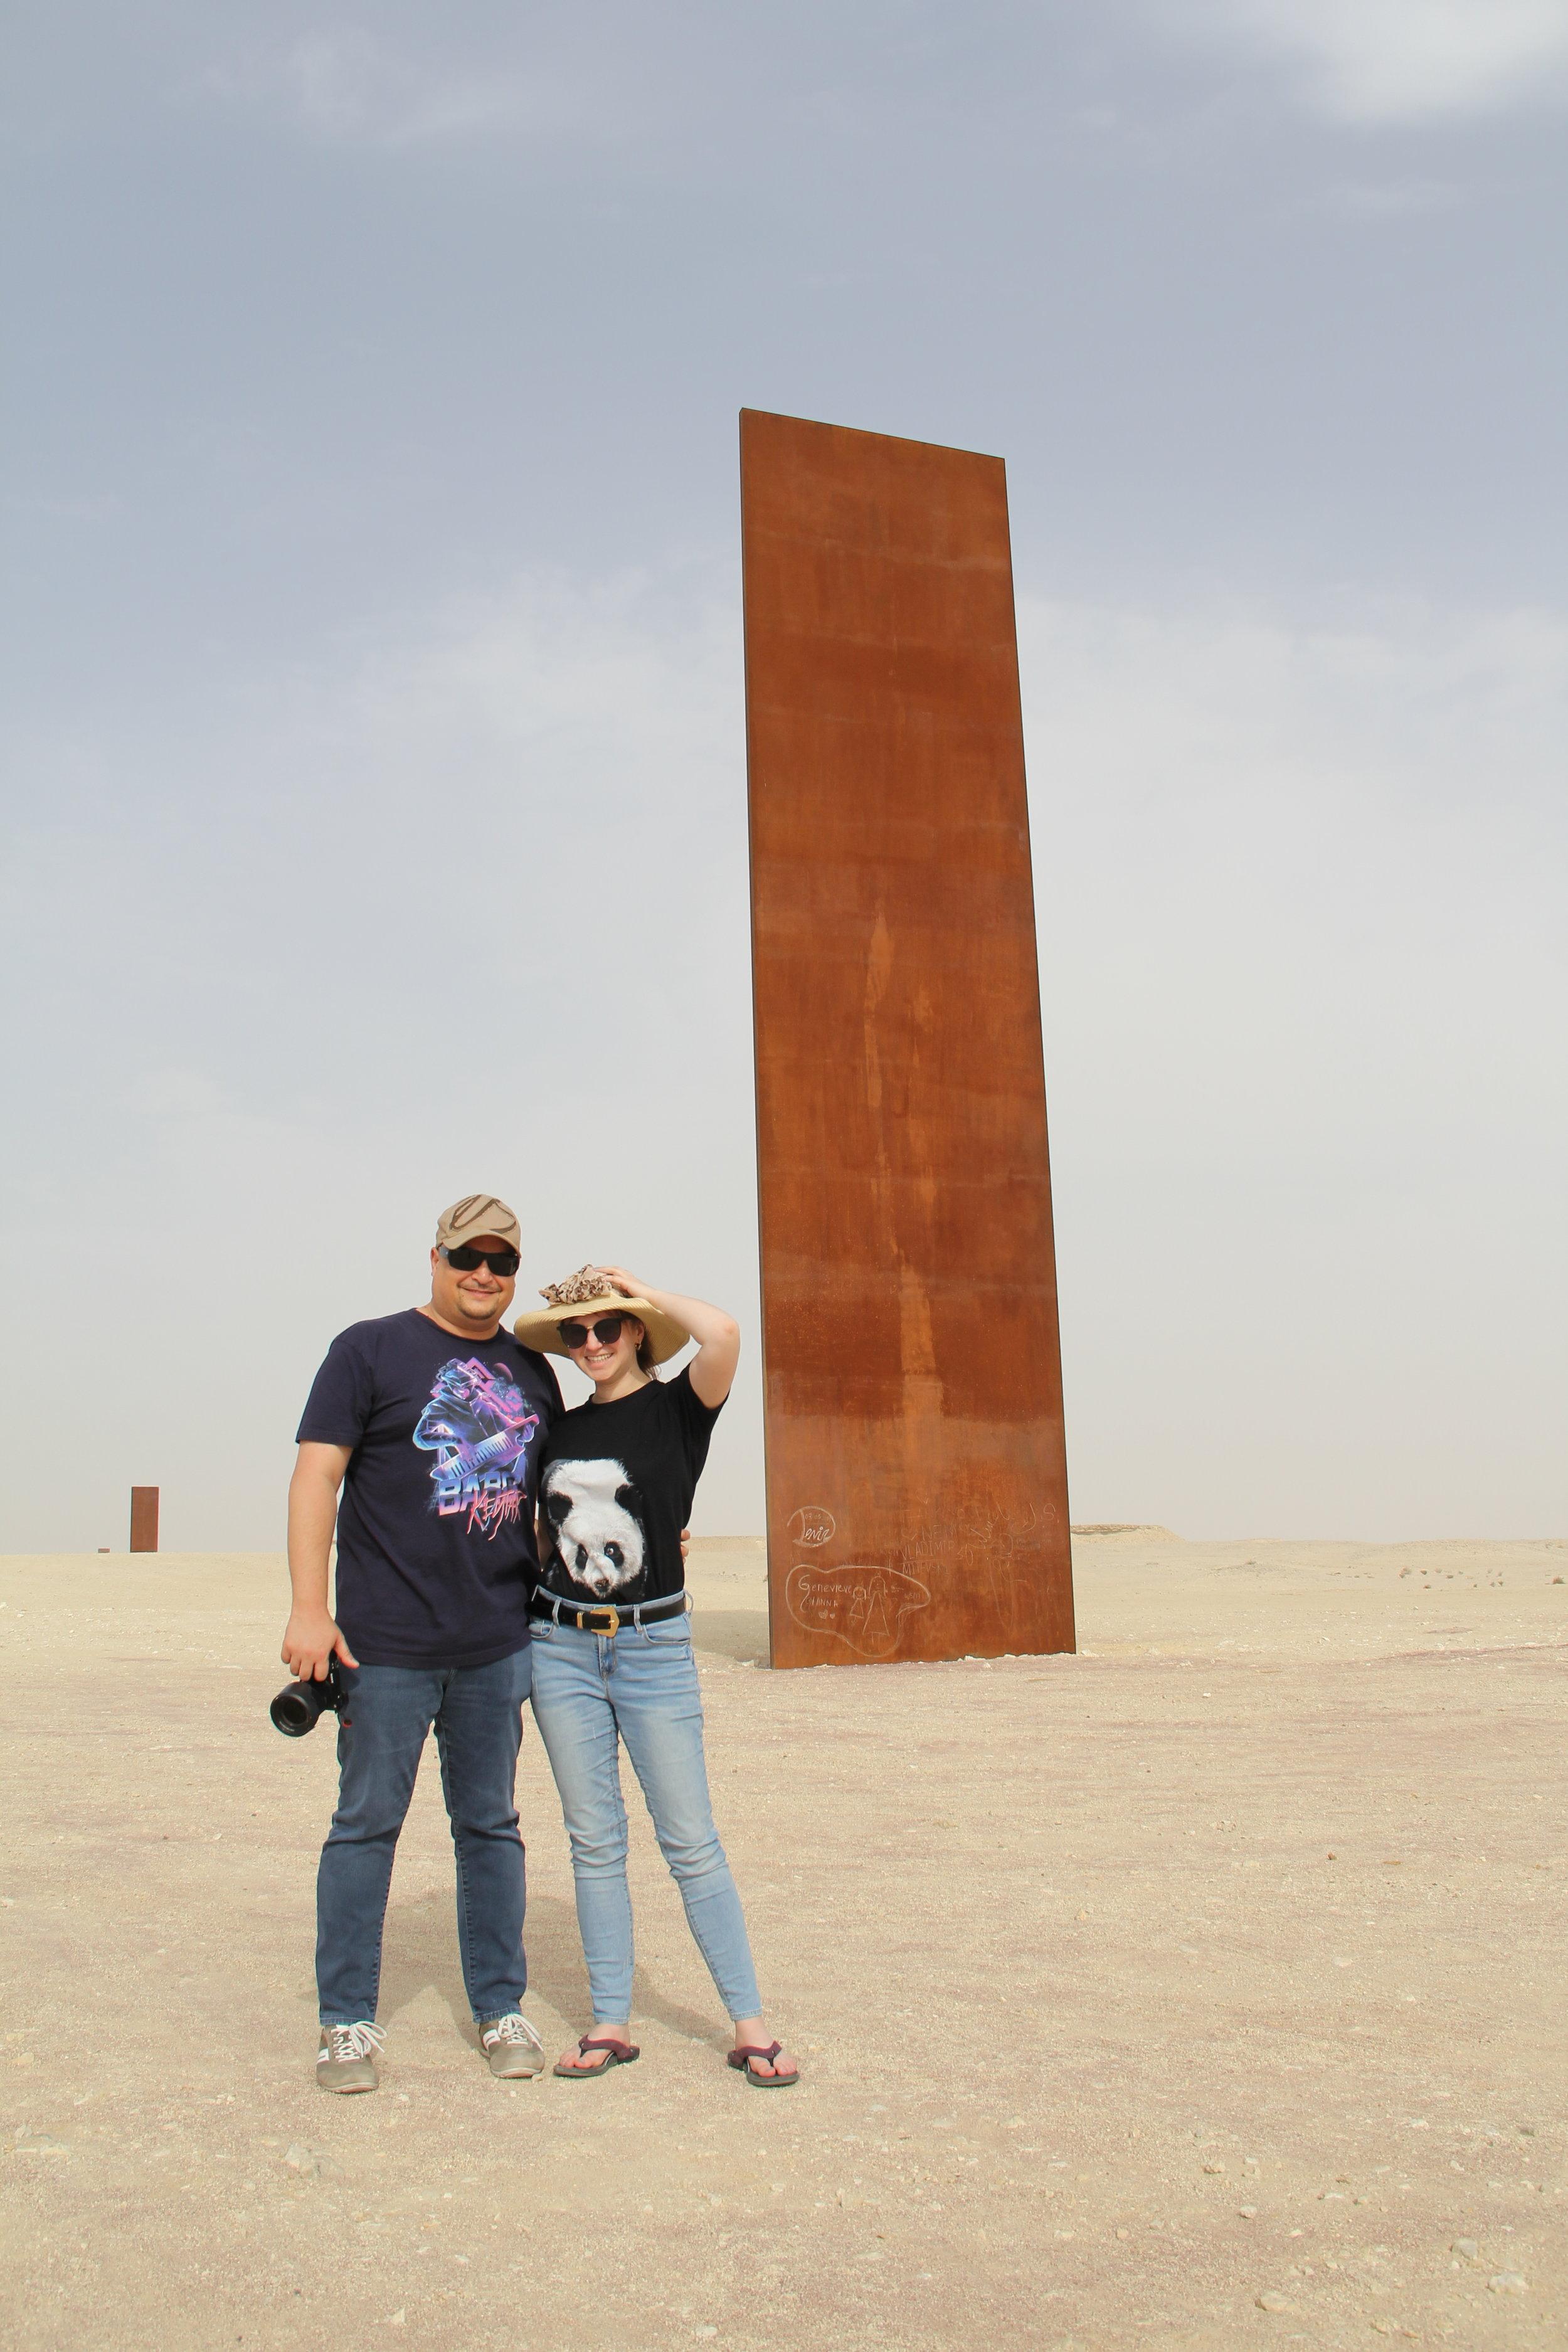 Father, Daughter Bonding. East West West East, Zekreet, Qatar.